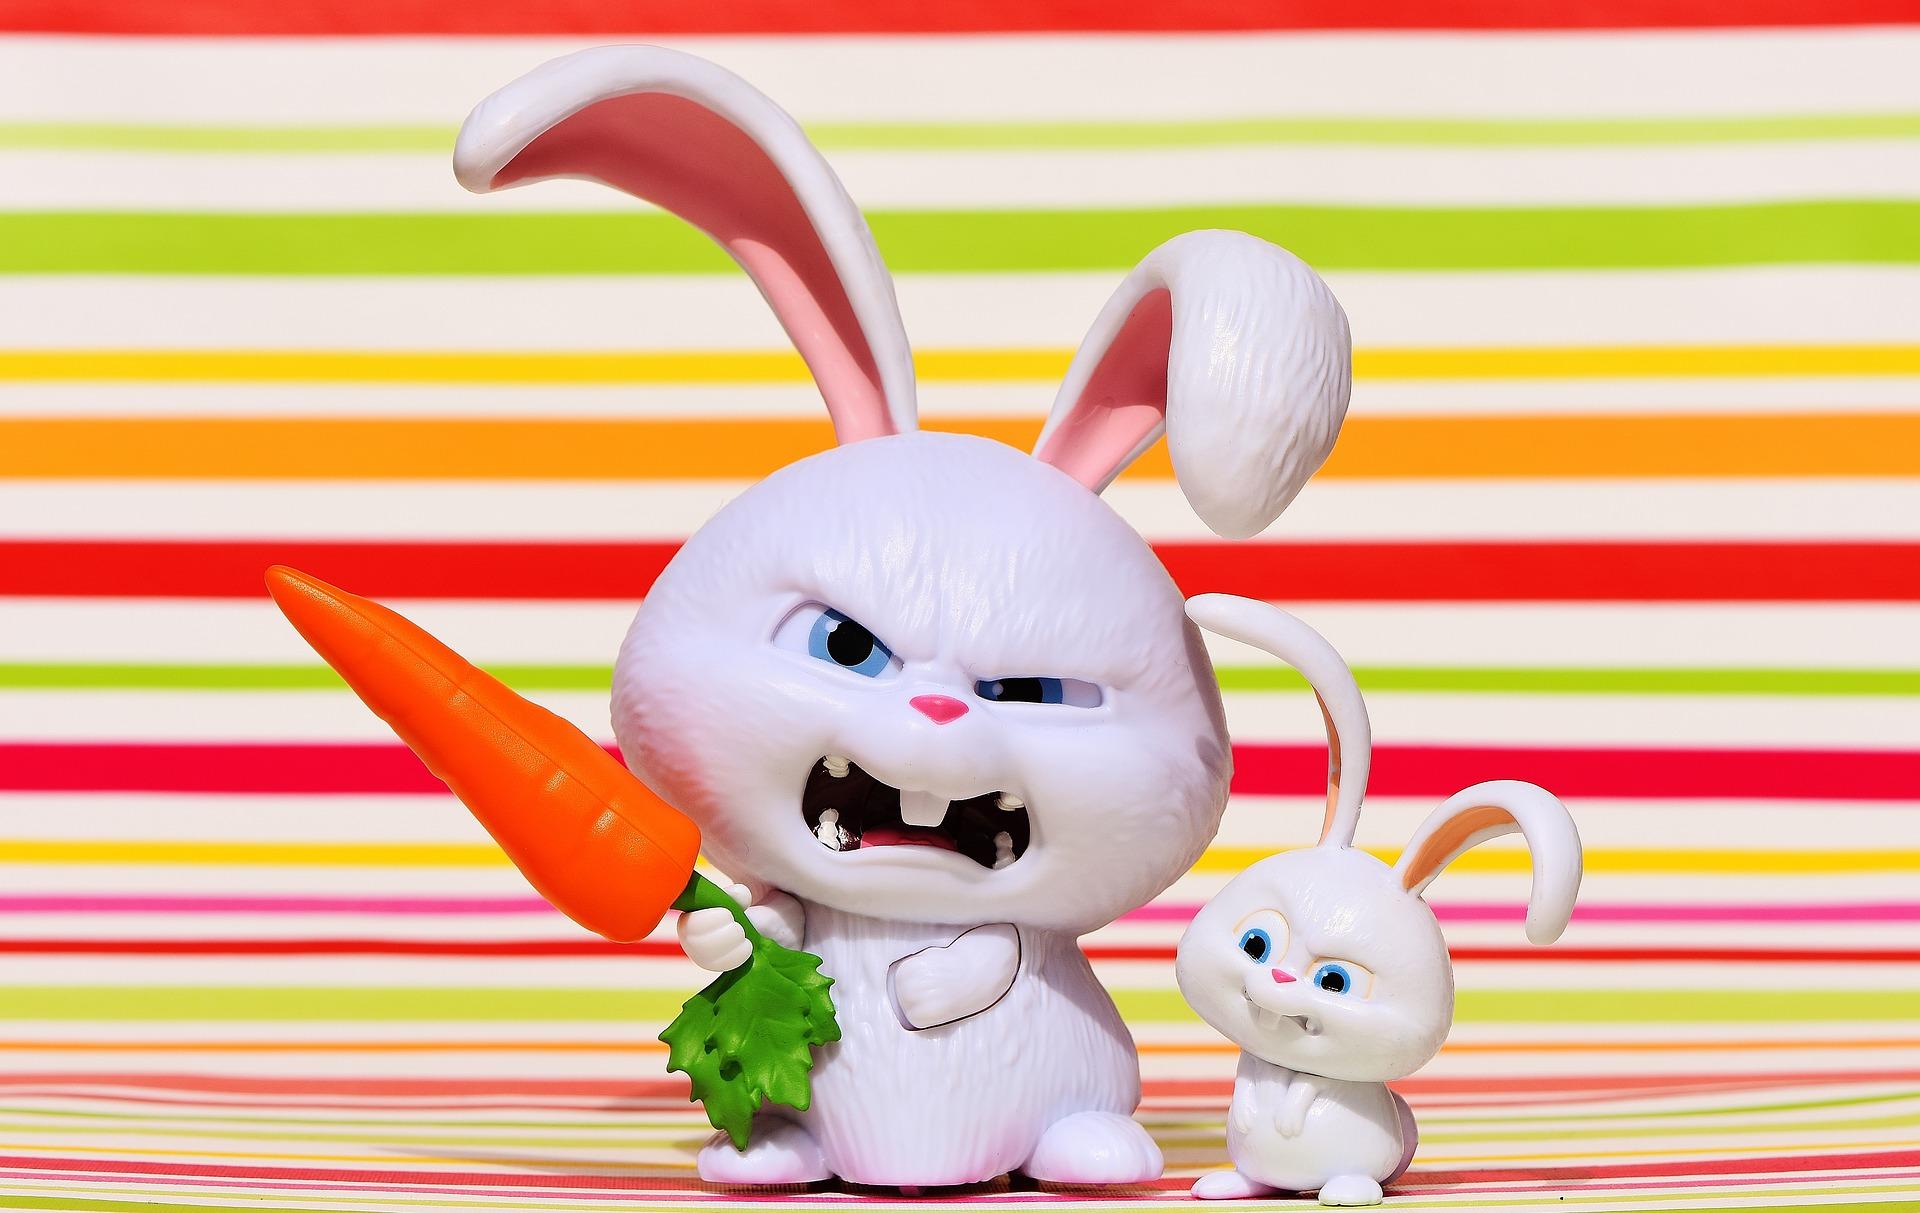 angry_rabbits.jpg